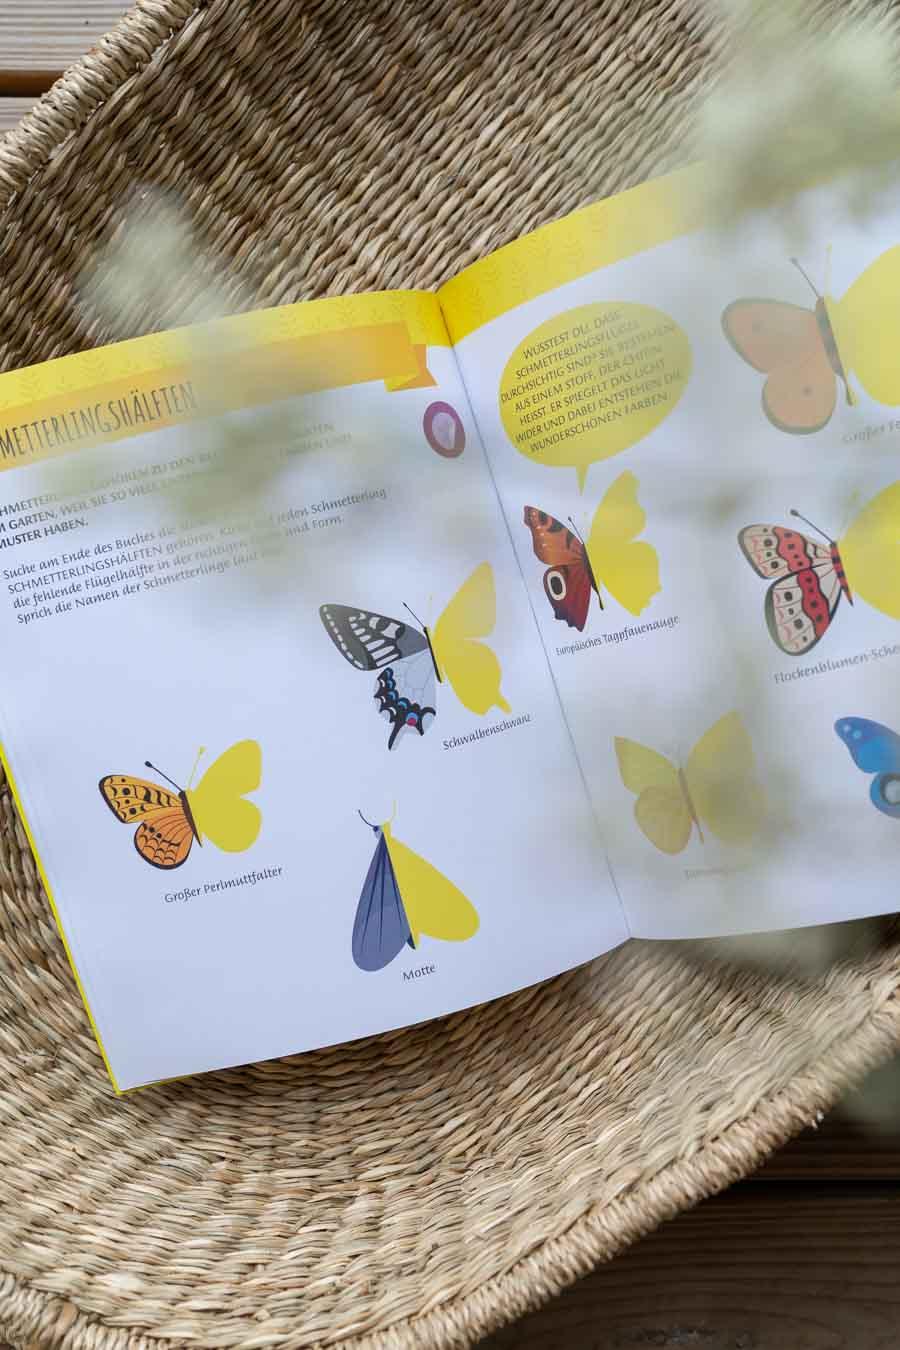 Beschäftigung für Unterwegs: Schmetterlingshälften stickern. Wir liefern 10 Ideen, um lange Reisen mit Kind (im Zug oder Auto) mit Freude zu überstehen. Spiele ohne Material, Lieder (Spotifylisten), erprobte Hörbücher & Apps, sowie (Sticker-)bücher und Spielideen die wenig Platz im Koffer brauchen. Beschäftigung und Spiele für Unterwegs. Für Kleinkinder und Eltern die Urlaub mit Kind #spielideen #reisen #nachhaltigreisen